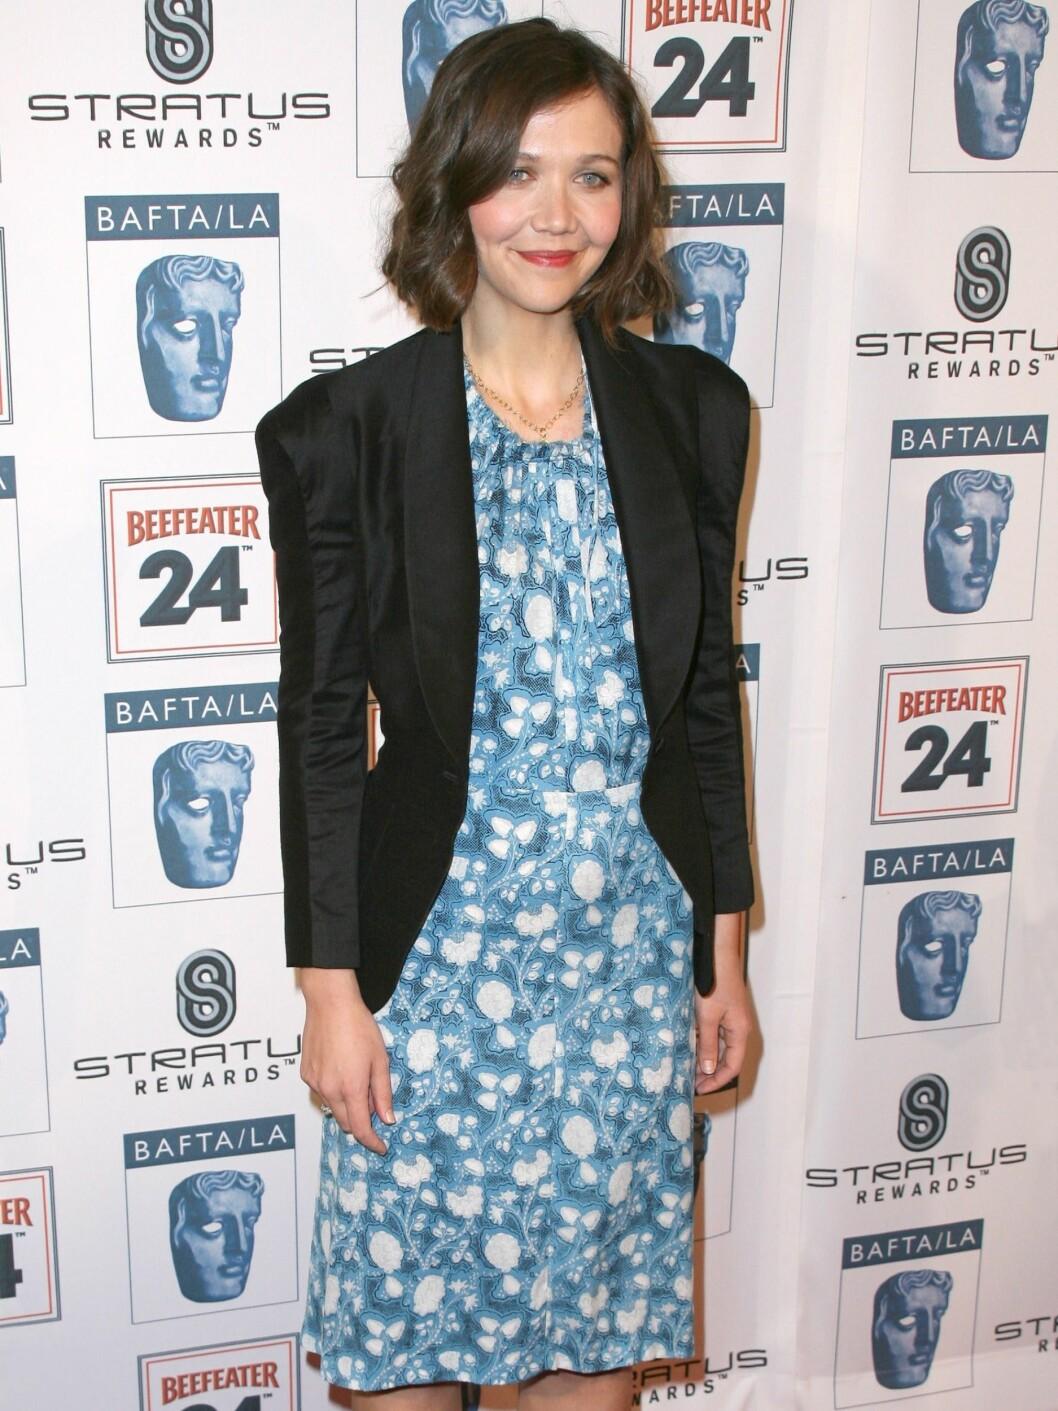 I blomstrete kjole og blazer på BAFTA-utdelingen. Foto: All Over Press